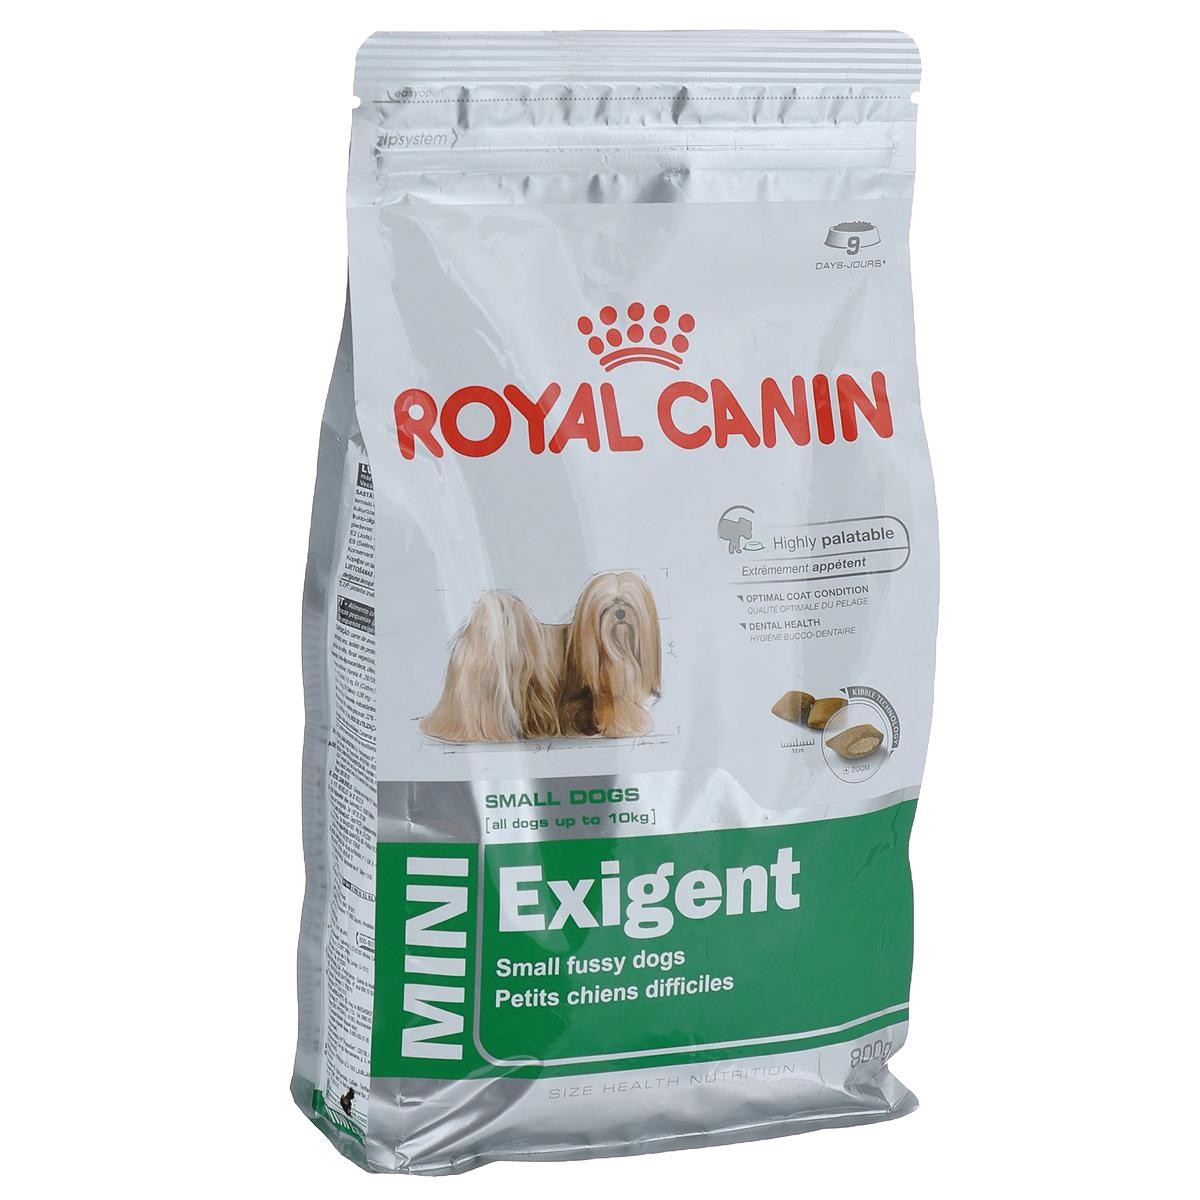 Корм сухой Royal Canin Mini Exigent, для собак мелких пород, привередливых в питании, 800 г313008Полнорационный сухой корм Royal Canin Mini Exigent для подходит собакам мелких размеров (вес взрослой собаки до 10 кг) старше 10 месяцев. Специальная технология изготовления крокет сочетает 2 вида текстур (хрустящую и мягкую), а также уникальные вкусовые добавки, что придется по вкусу даже самым привередливым собакам мелких размеров. Корм питает шерсть благодаря включению в состав корма серосодержащих аминокислот (метионин и цистин), жирных кислот Омега 6 и витамина А. Помогает замедлить образование зубного налета благодаря полифосфату натрия, который связывает кальций, содержащийся в слюне.Состав: дегидратированное мясо птицы, животные жиры, предварительно обработанная пшеничная мука, рис, изолят растительных белков L.I.P., гидролизат белков животного происхождения, кукурузная мука, растительная клетчатка, свекольный жом, рыбий жир, минеральные вещества, фруктоолигосахариды, масло огуречника аптечного 0,1%.Добавки в 1 кг: витамин А 29700 МЕ, витамин D3 800 МЕ, железо 45 мг, йод 4,5 мг, марганец 58 мг, цинк 175 мг, селен 0,09 мг, триполифосфат натрия 3,5 г, сорбат калия, пропилгаллат, БГА.Содержание питательных веществ: белки 30%, жиры 22%, минеральные вещества 4,1%, клетчатка пищевая 2,7%, EPA/DHA 2,5 г, медь 15 мг.Товар сертифицирован.Расстройства пищеварения у собак: кто виноват и что делать. Статья OZON Гид